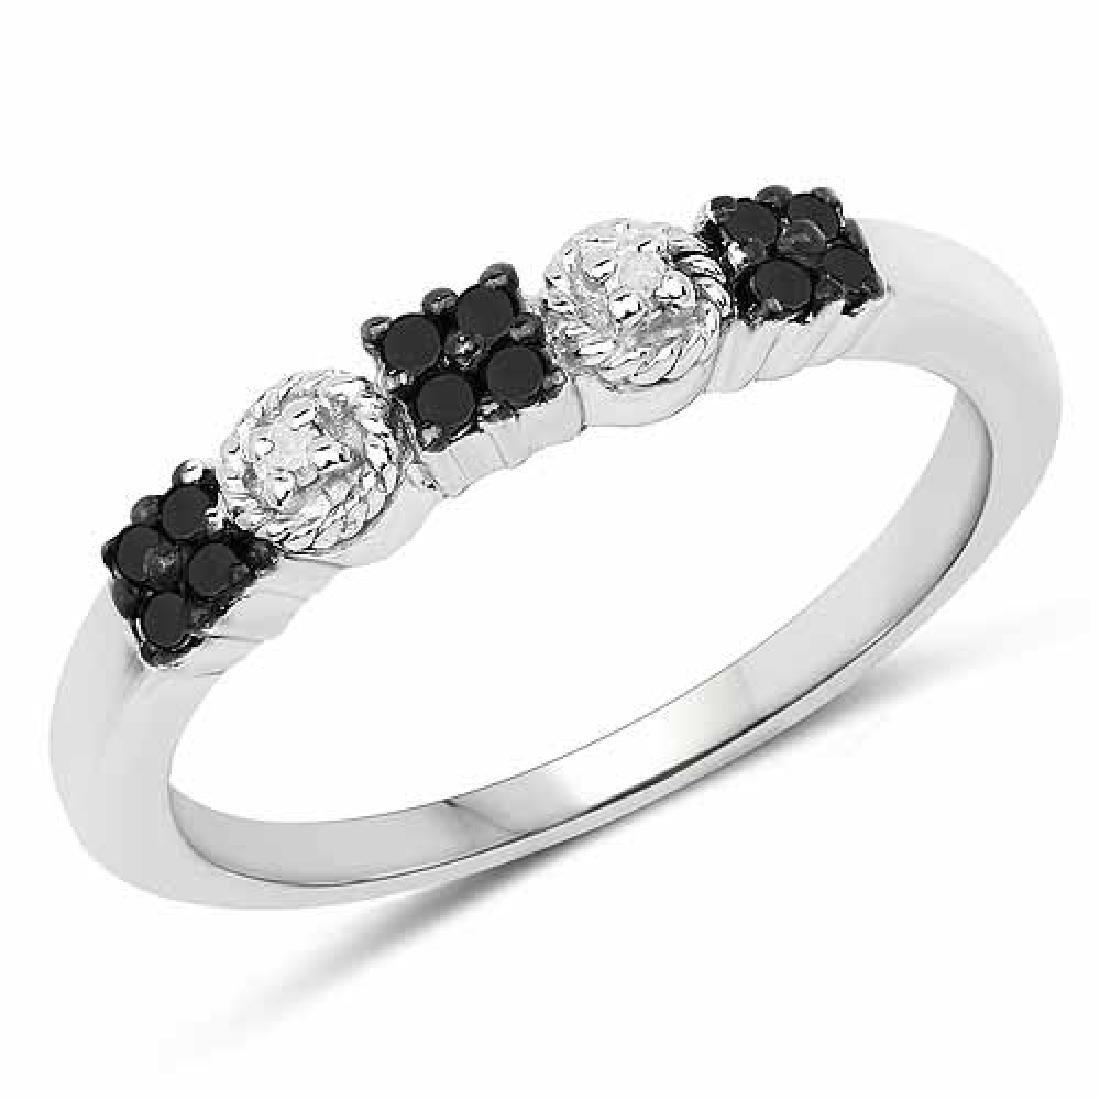 0.15 Carat Genuine Black Diamond and White Diamond .925